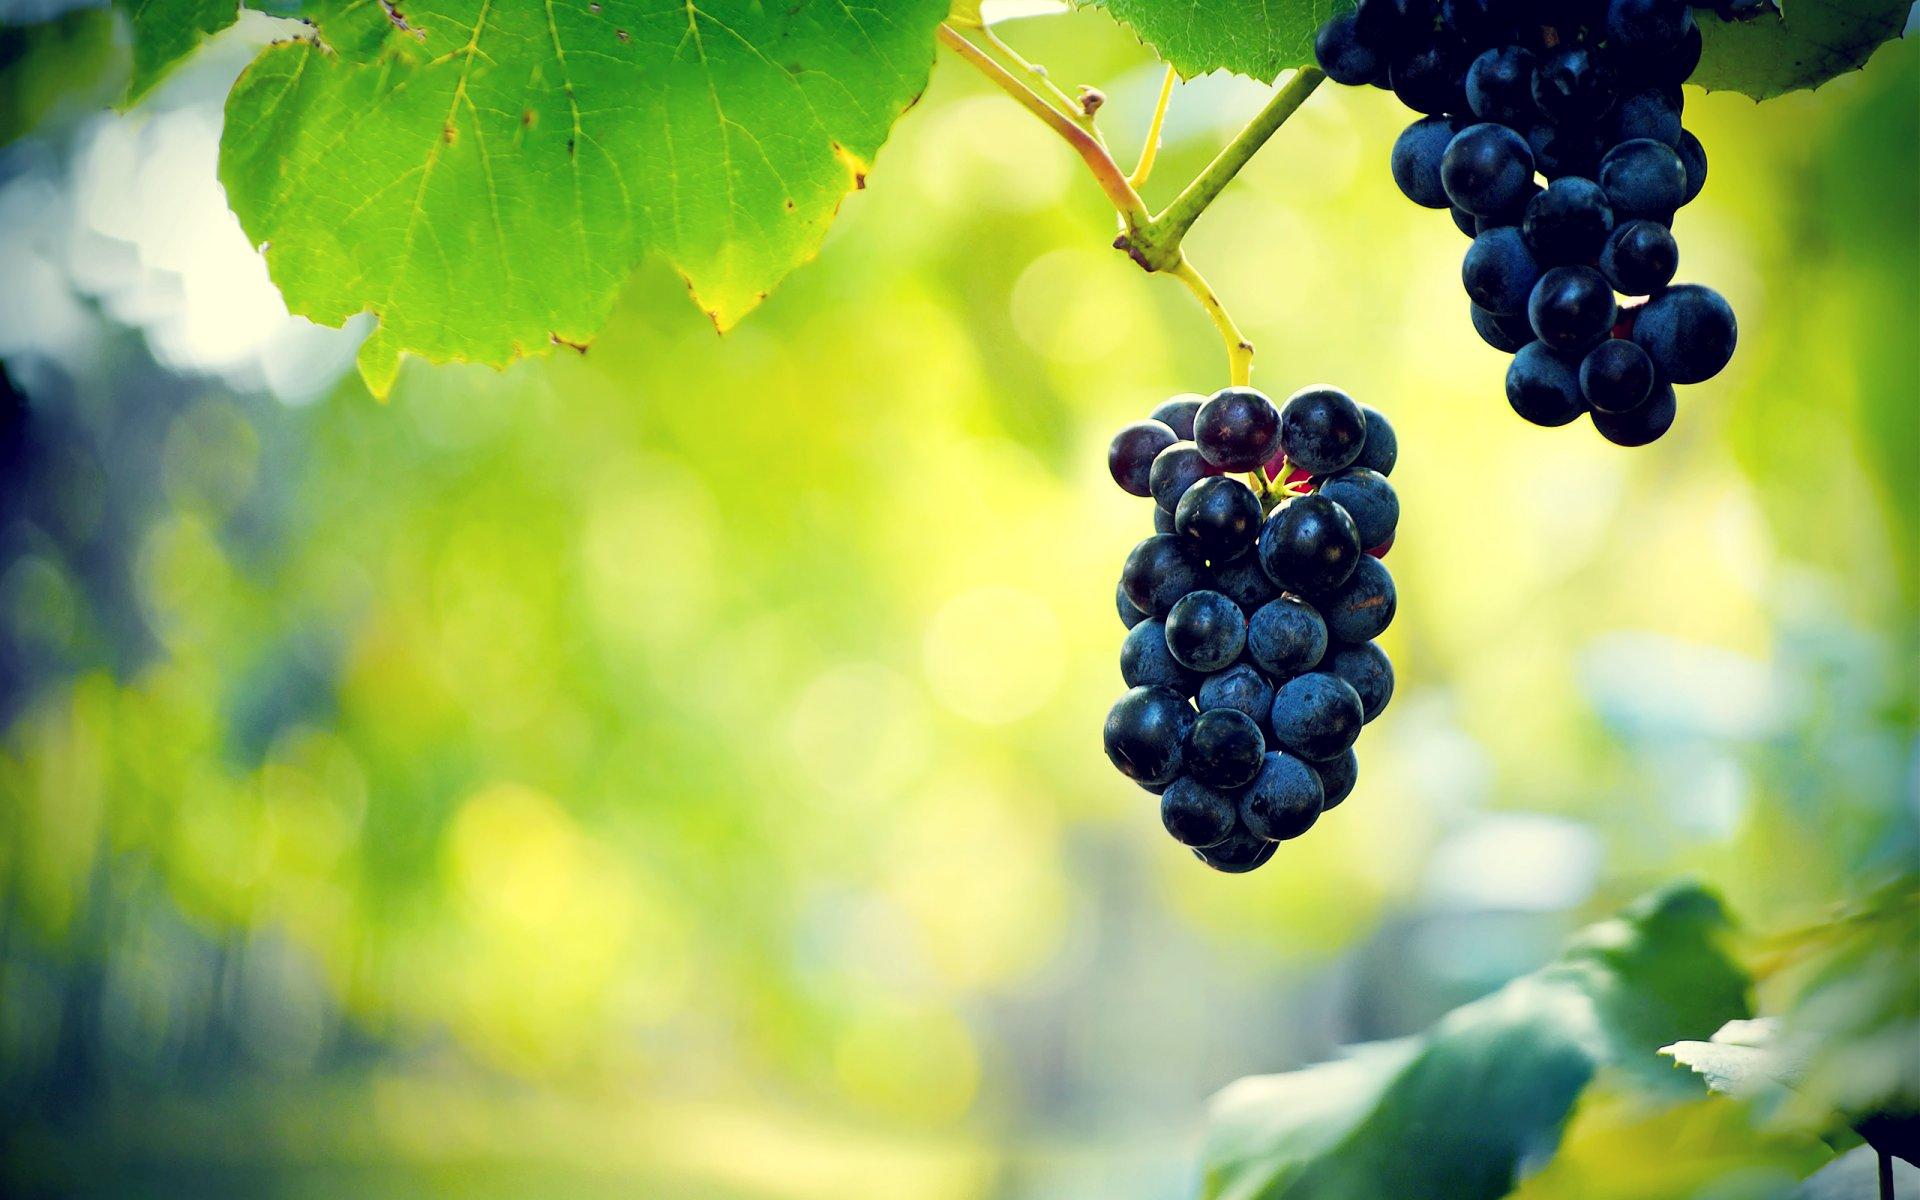 данной статьи фотообои с виноградной лозой разместить свою